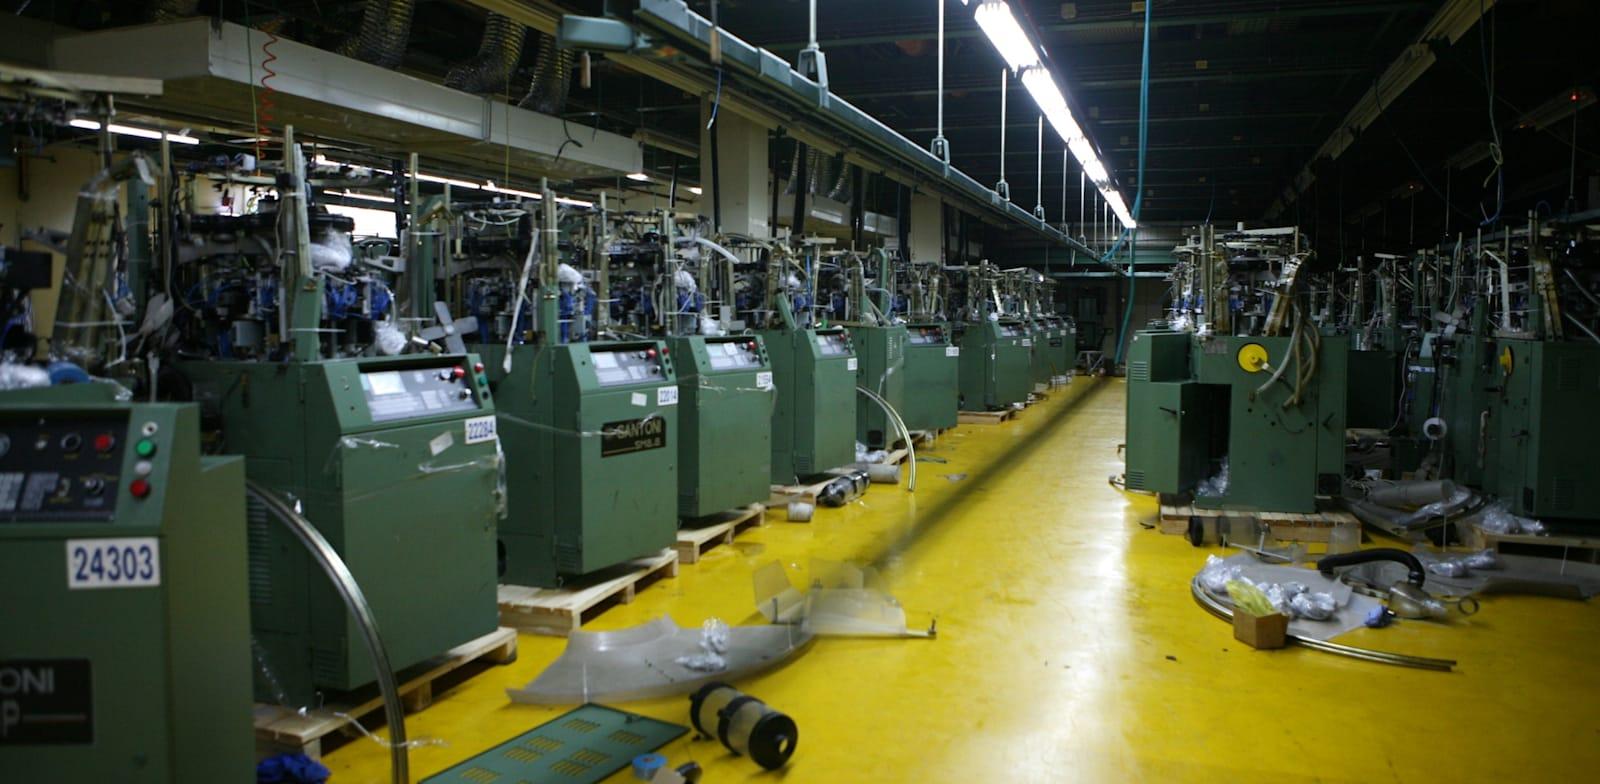 מפעל תפרון בכרמיאל / צילום: עינת לברון